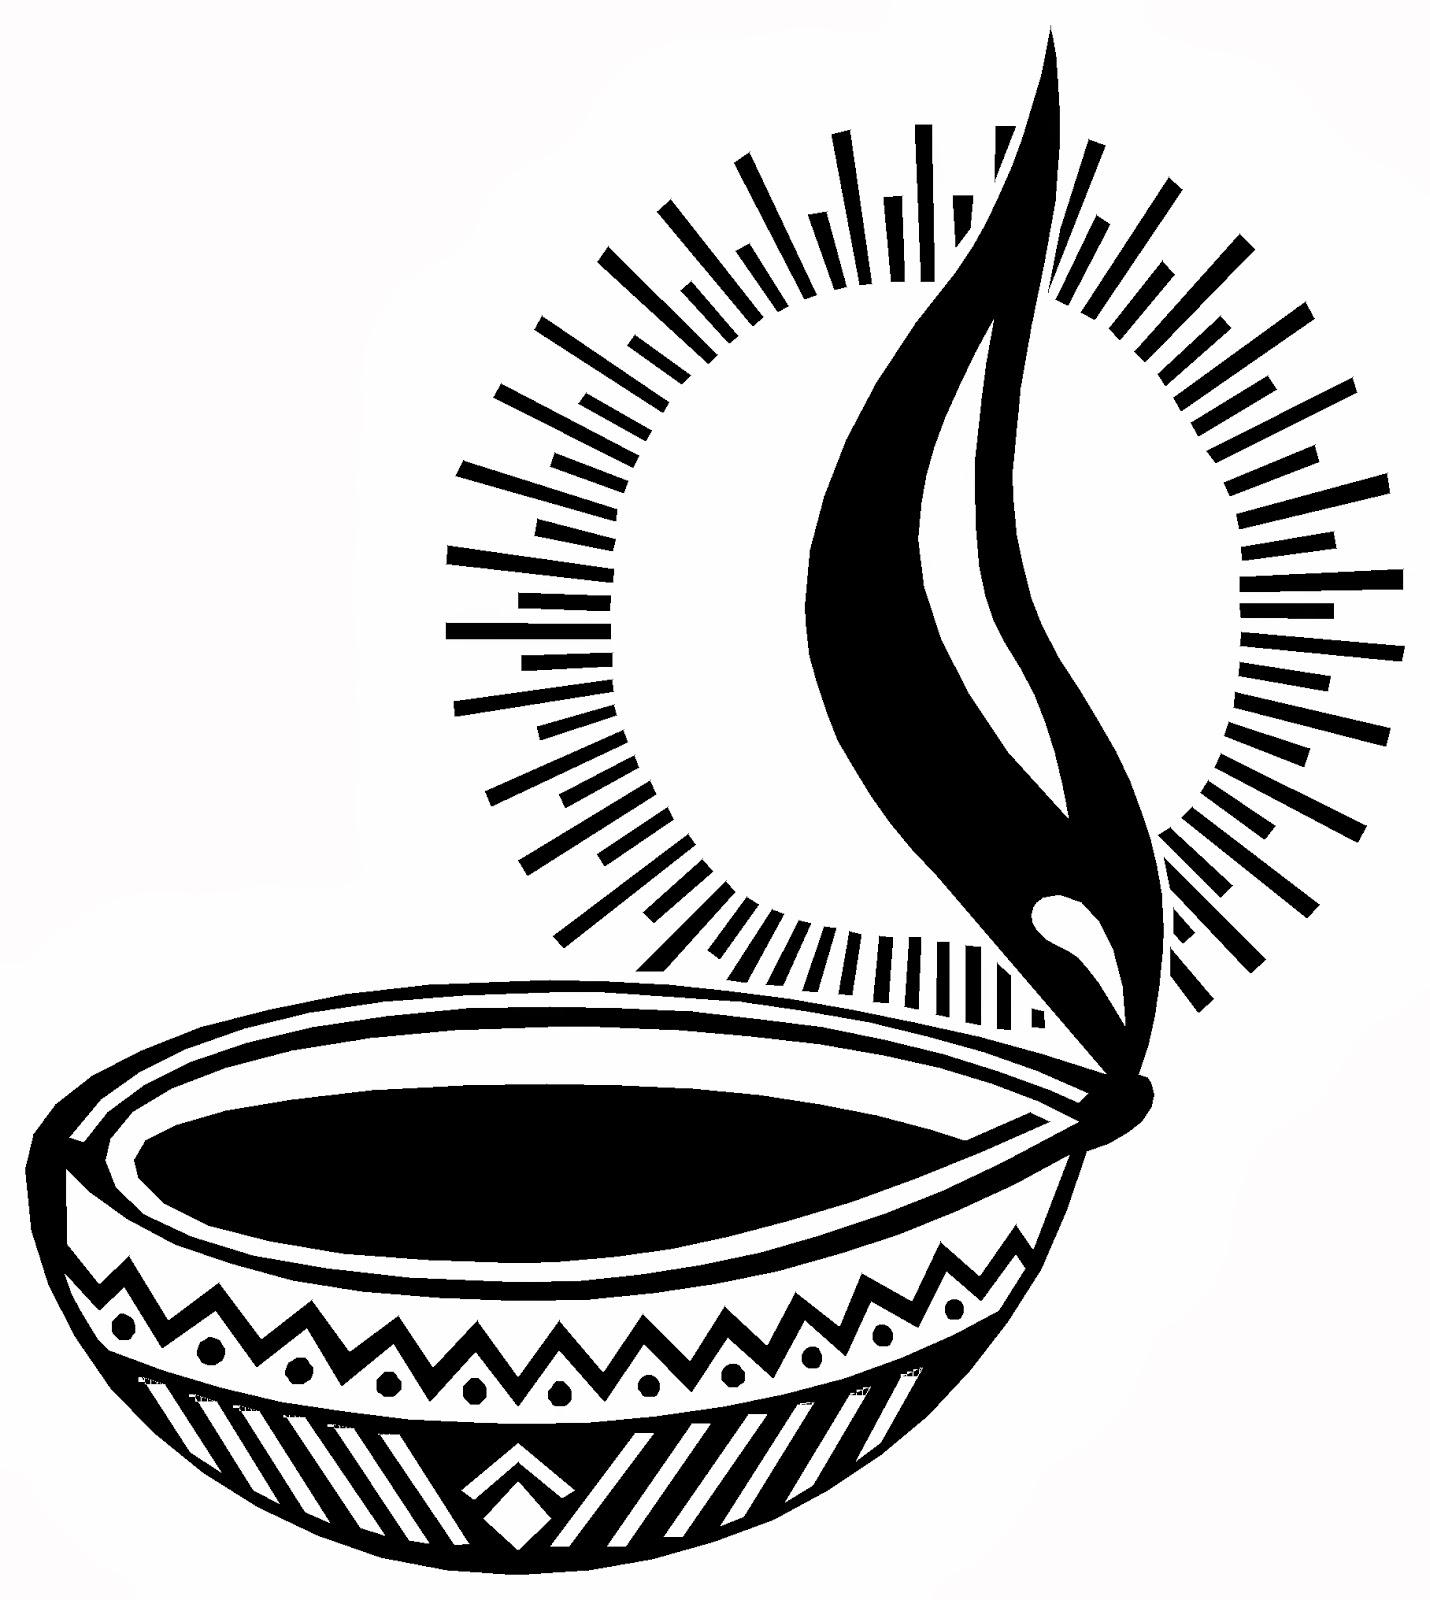 Diwali Diya Clipart Black & White.